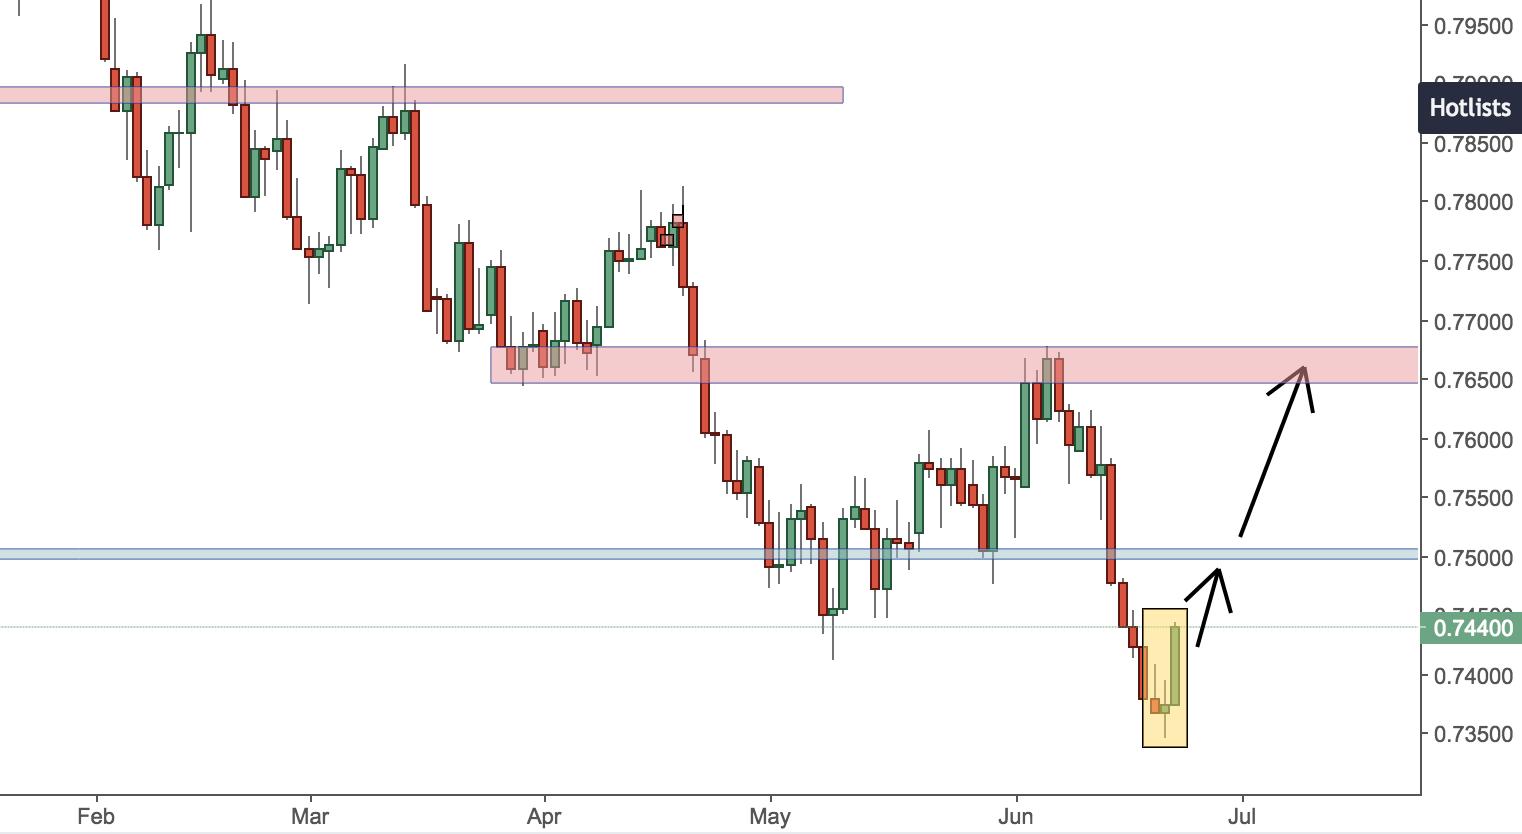 AUDUSD Trading Analysis